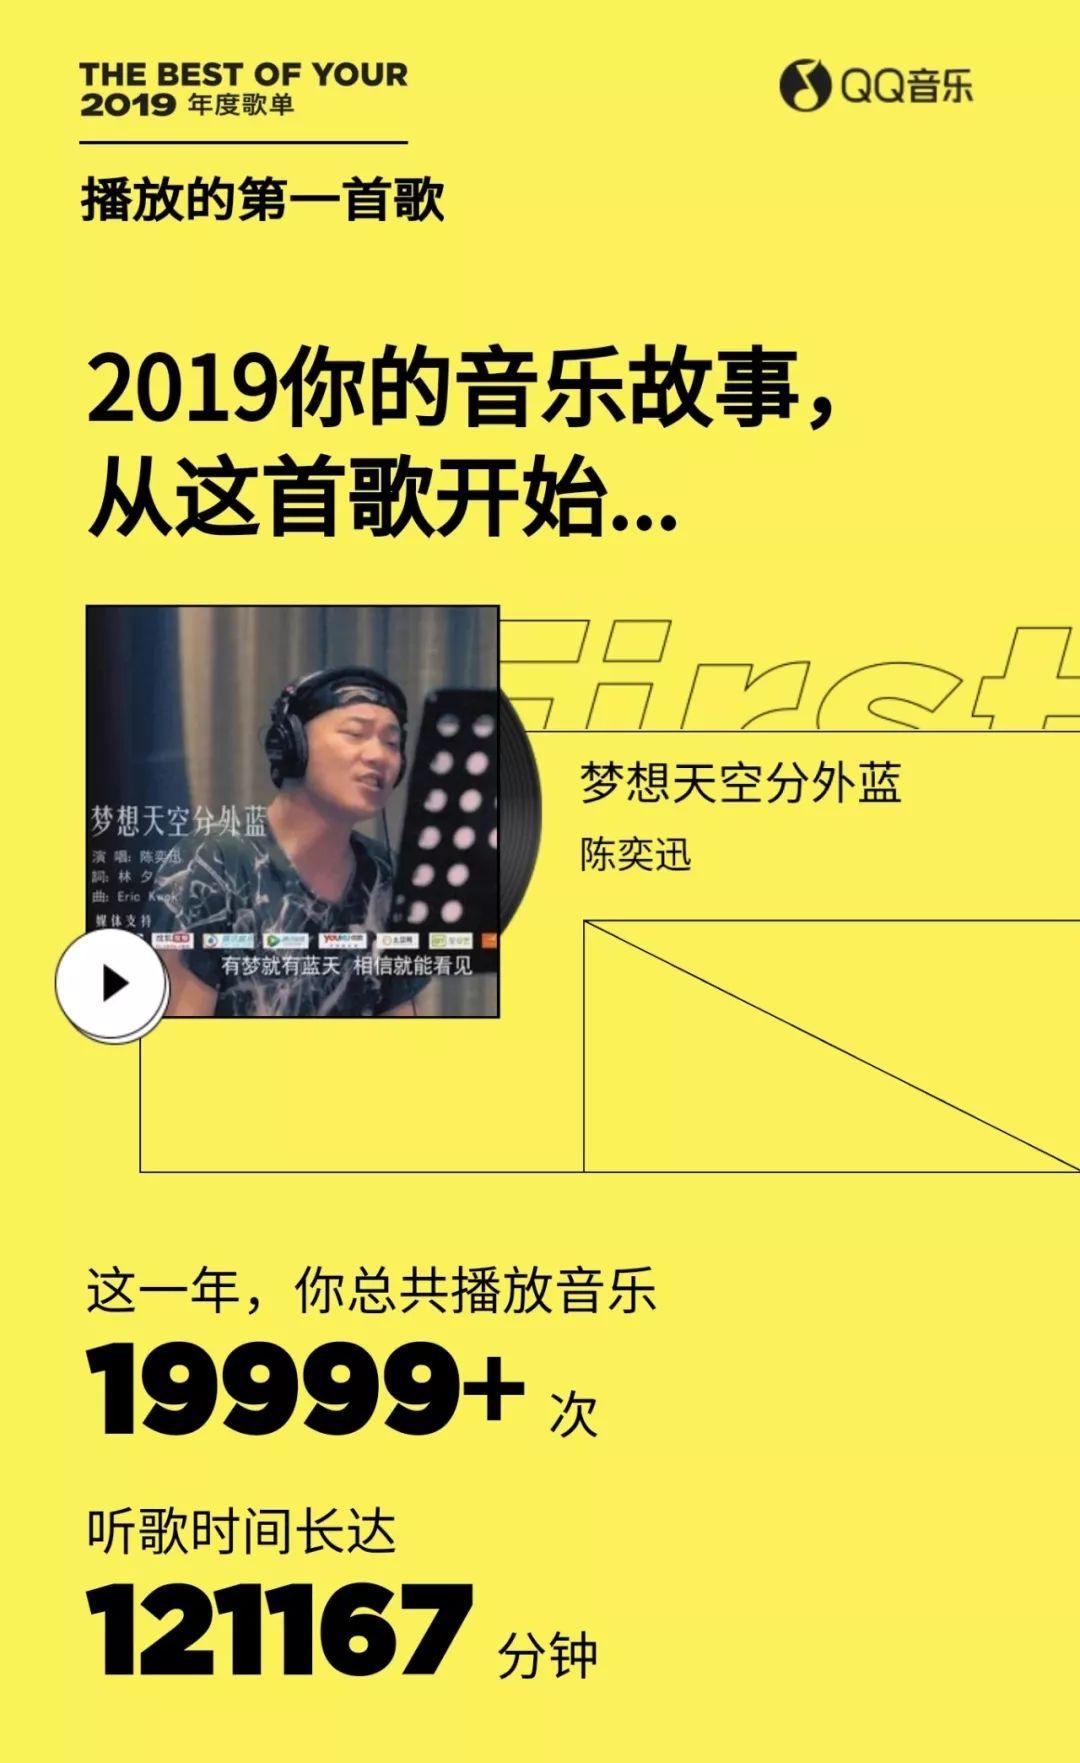 QQ/网易音乐发布听歌报告,你听了多少歌?